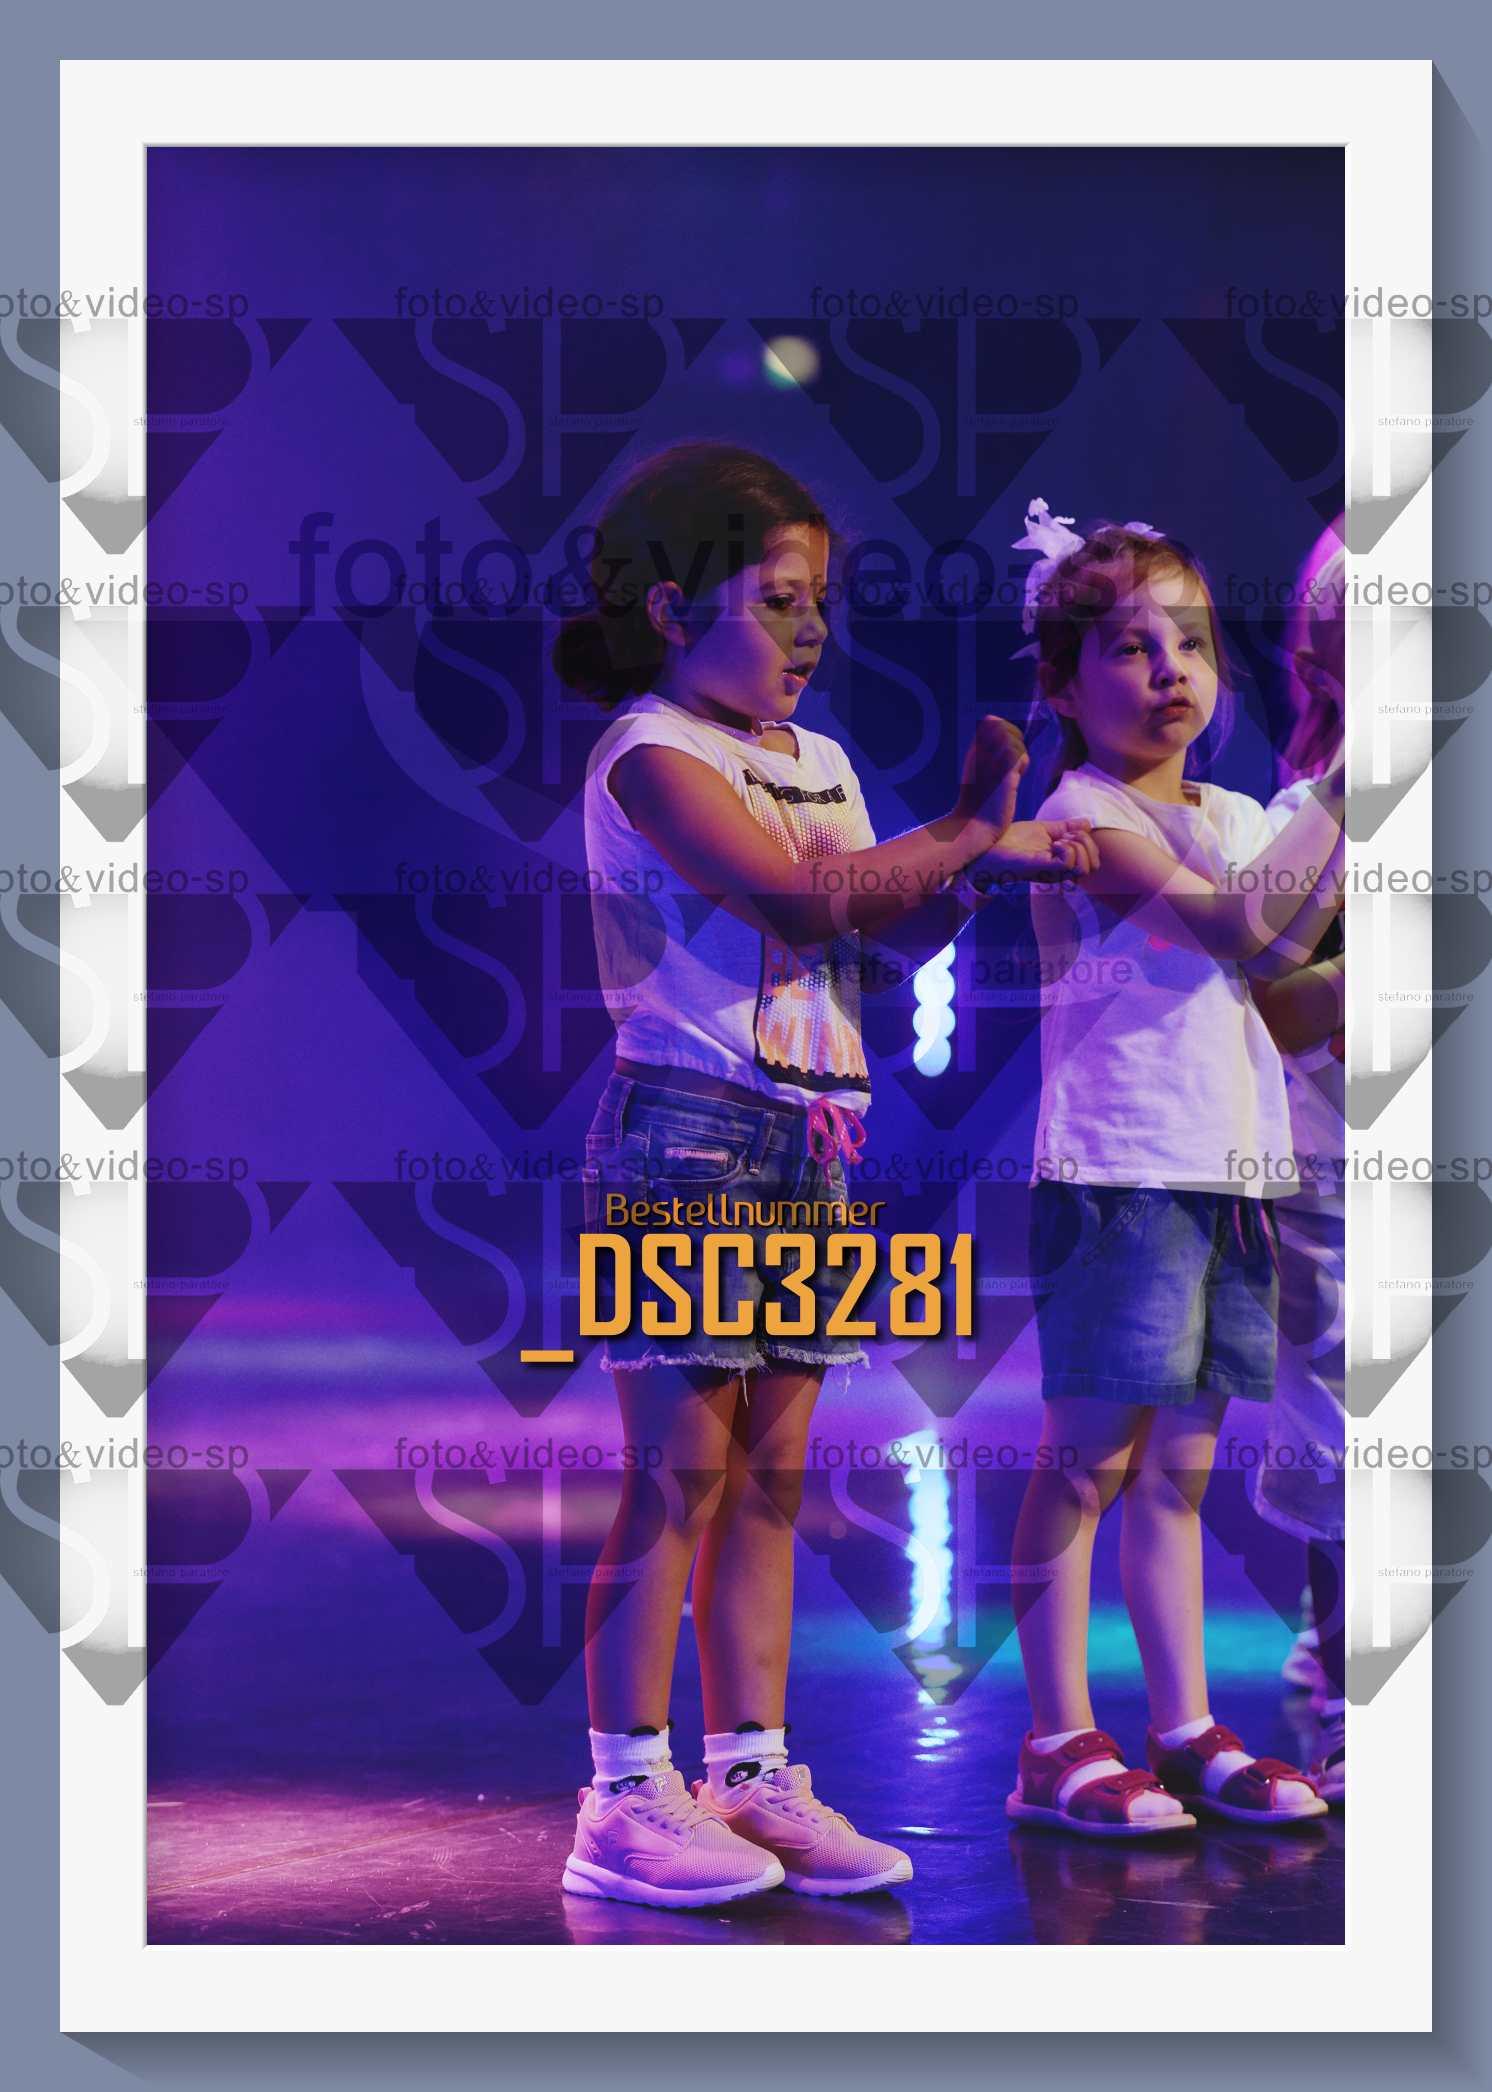 DSC3281